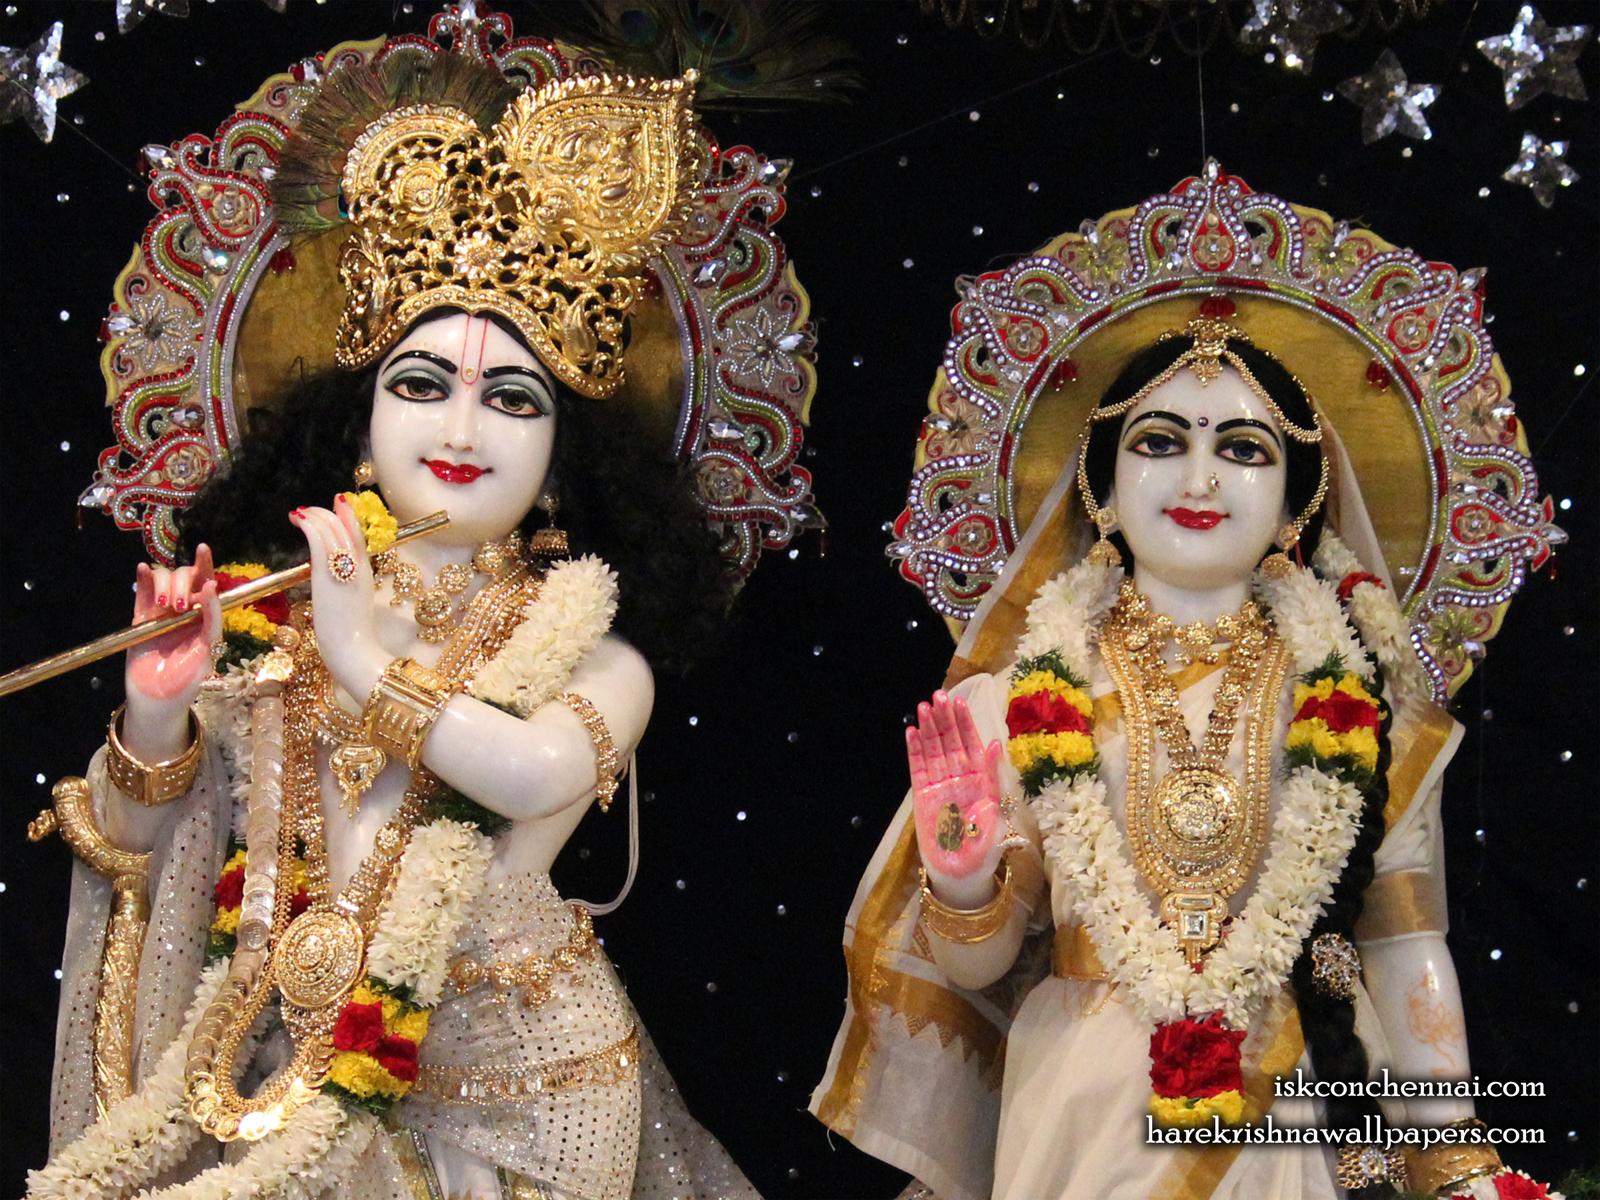 Sri Sri Radha Krishna Close up Wallpaper (010) Size1600x1200 Download